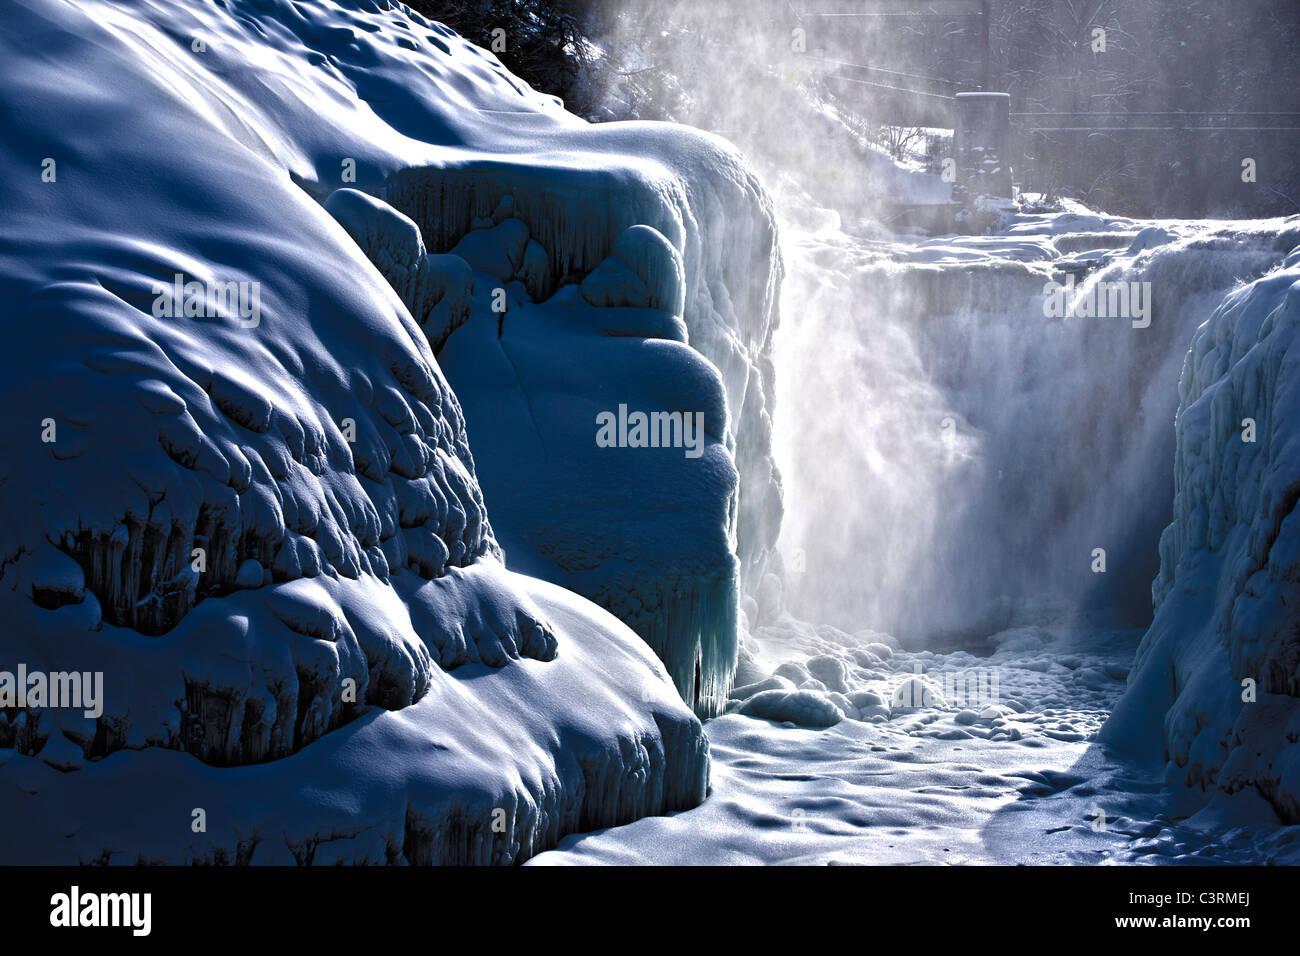 Letchworth State Park Castilla Superior de Nueva York, EE.UU. cae en invierno Imagen De Stock